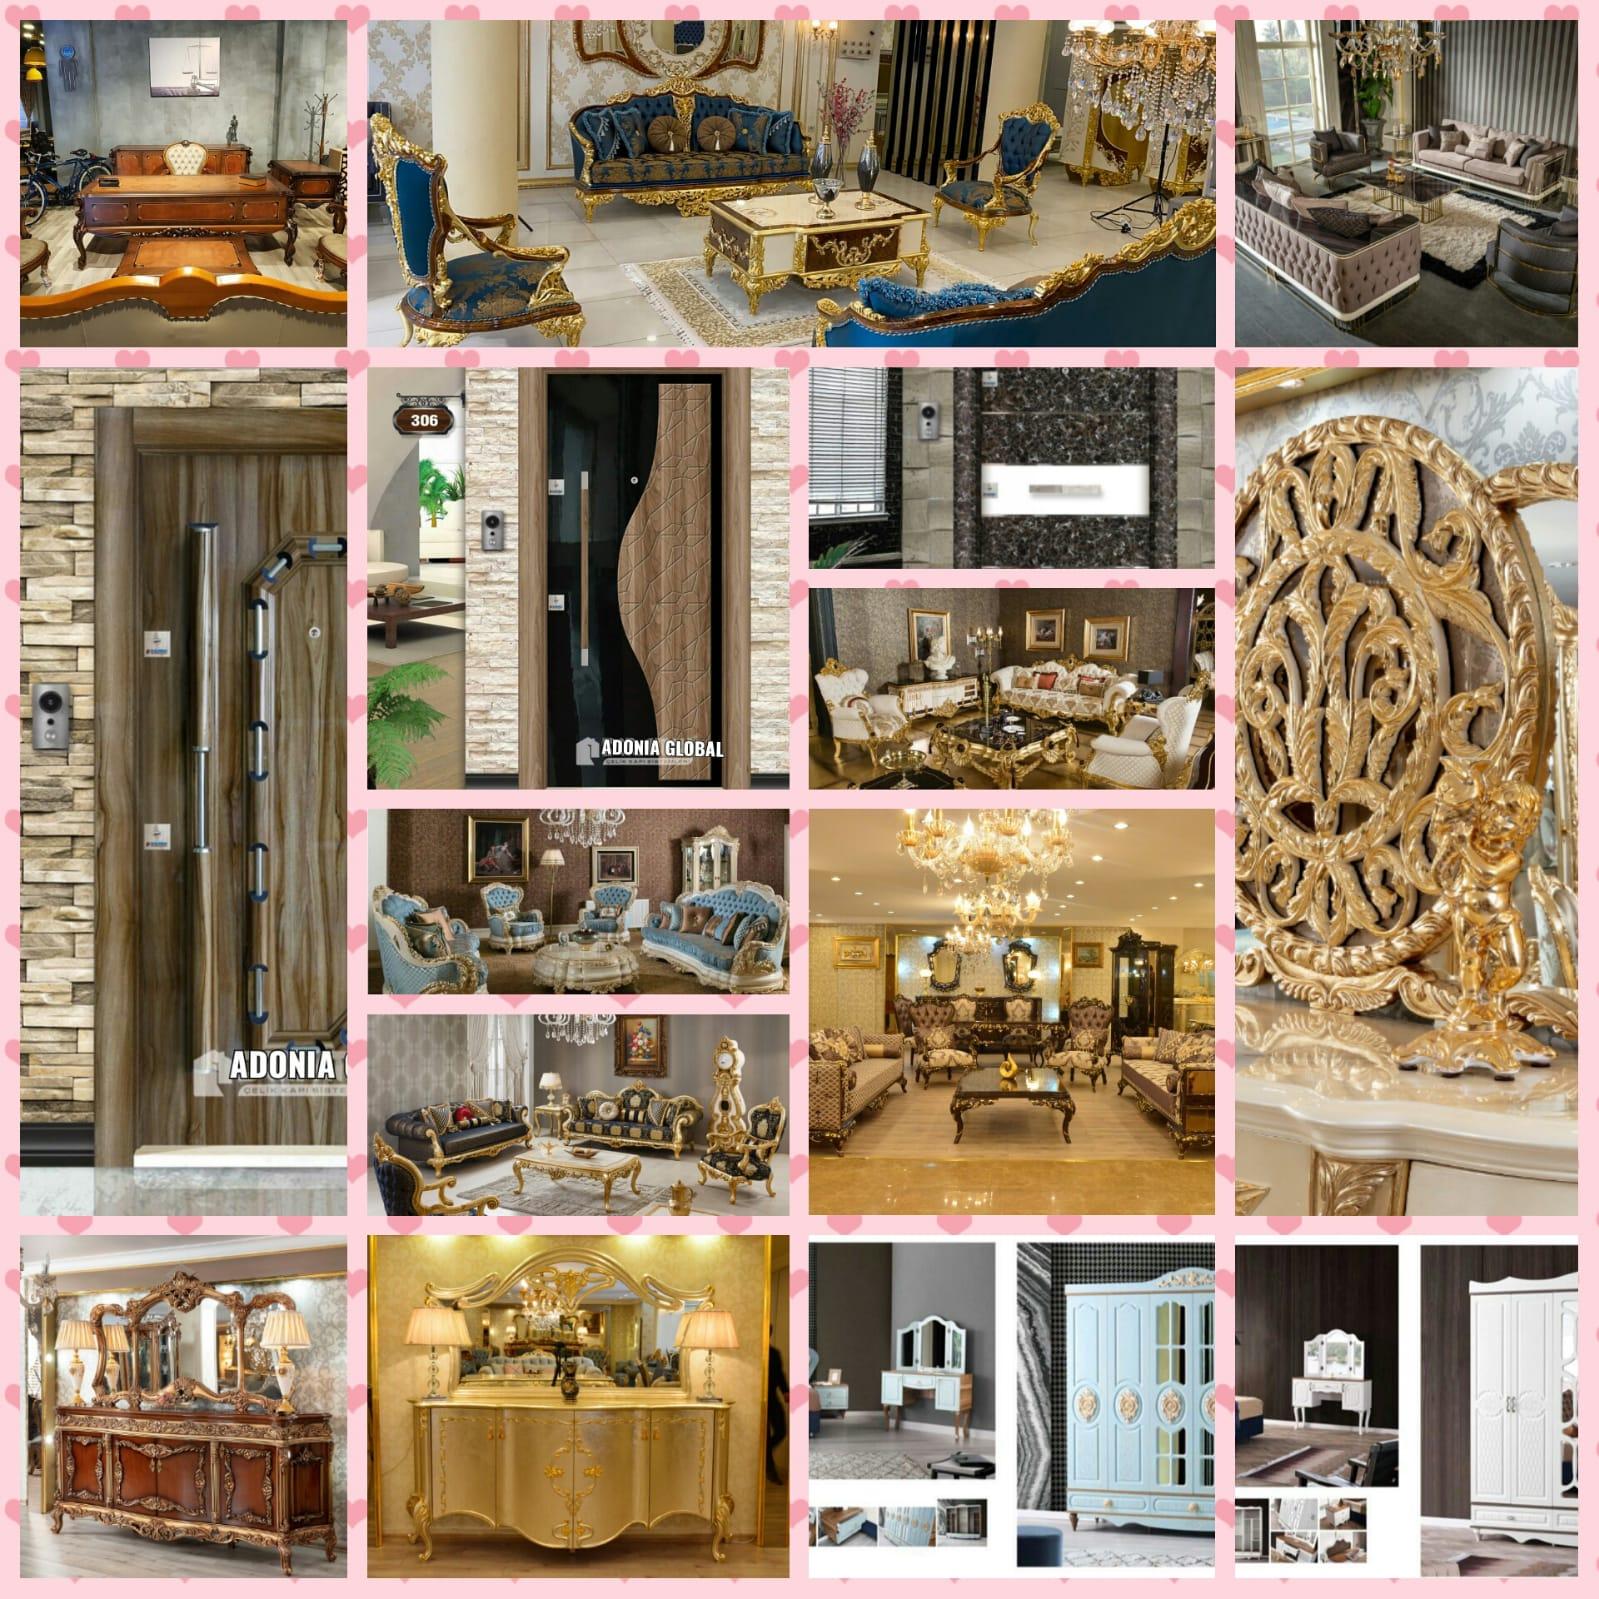 Adonia Global Furniture Village